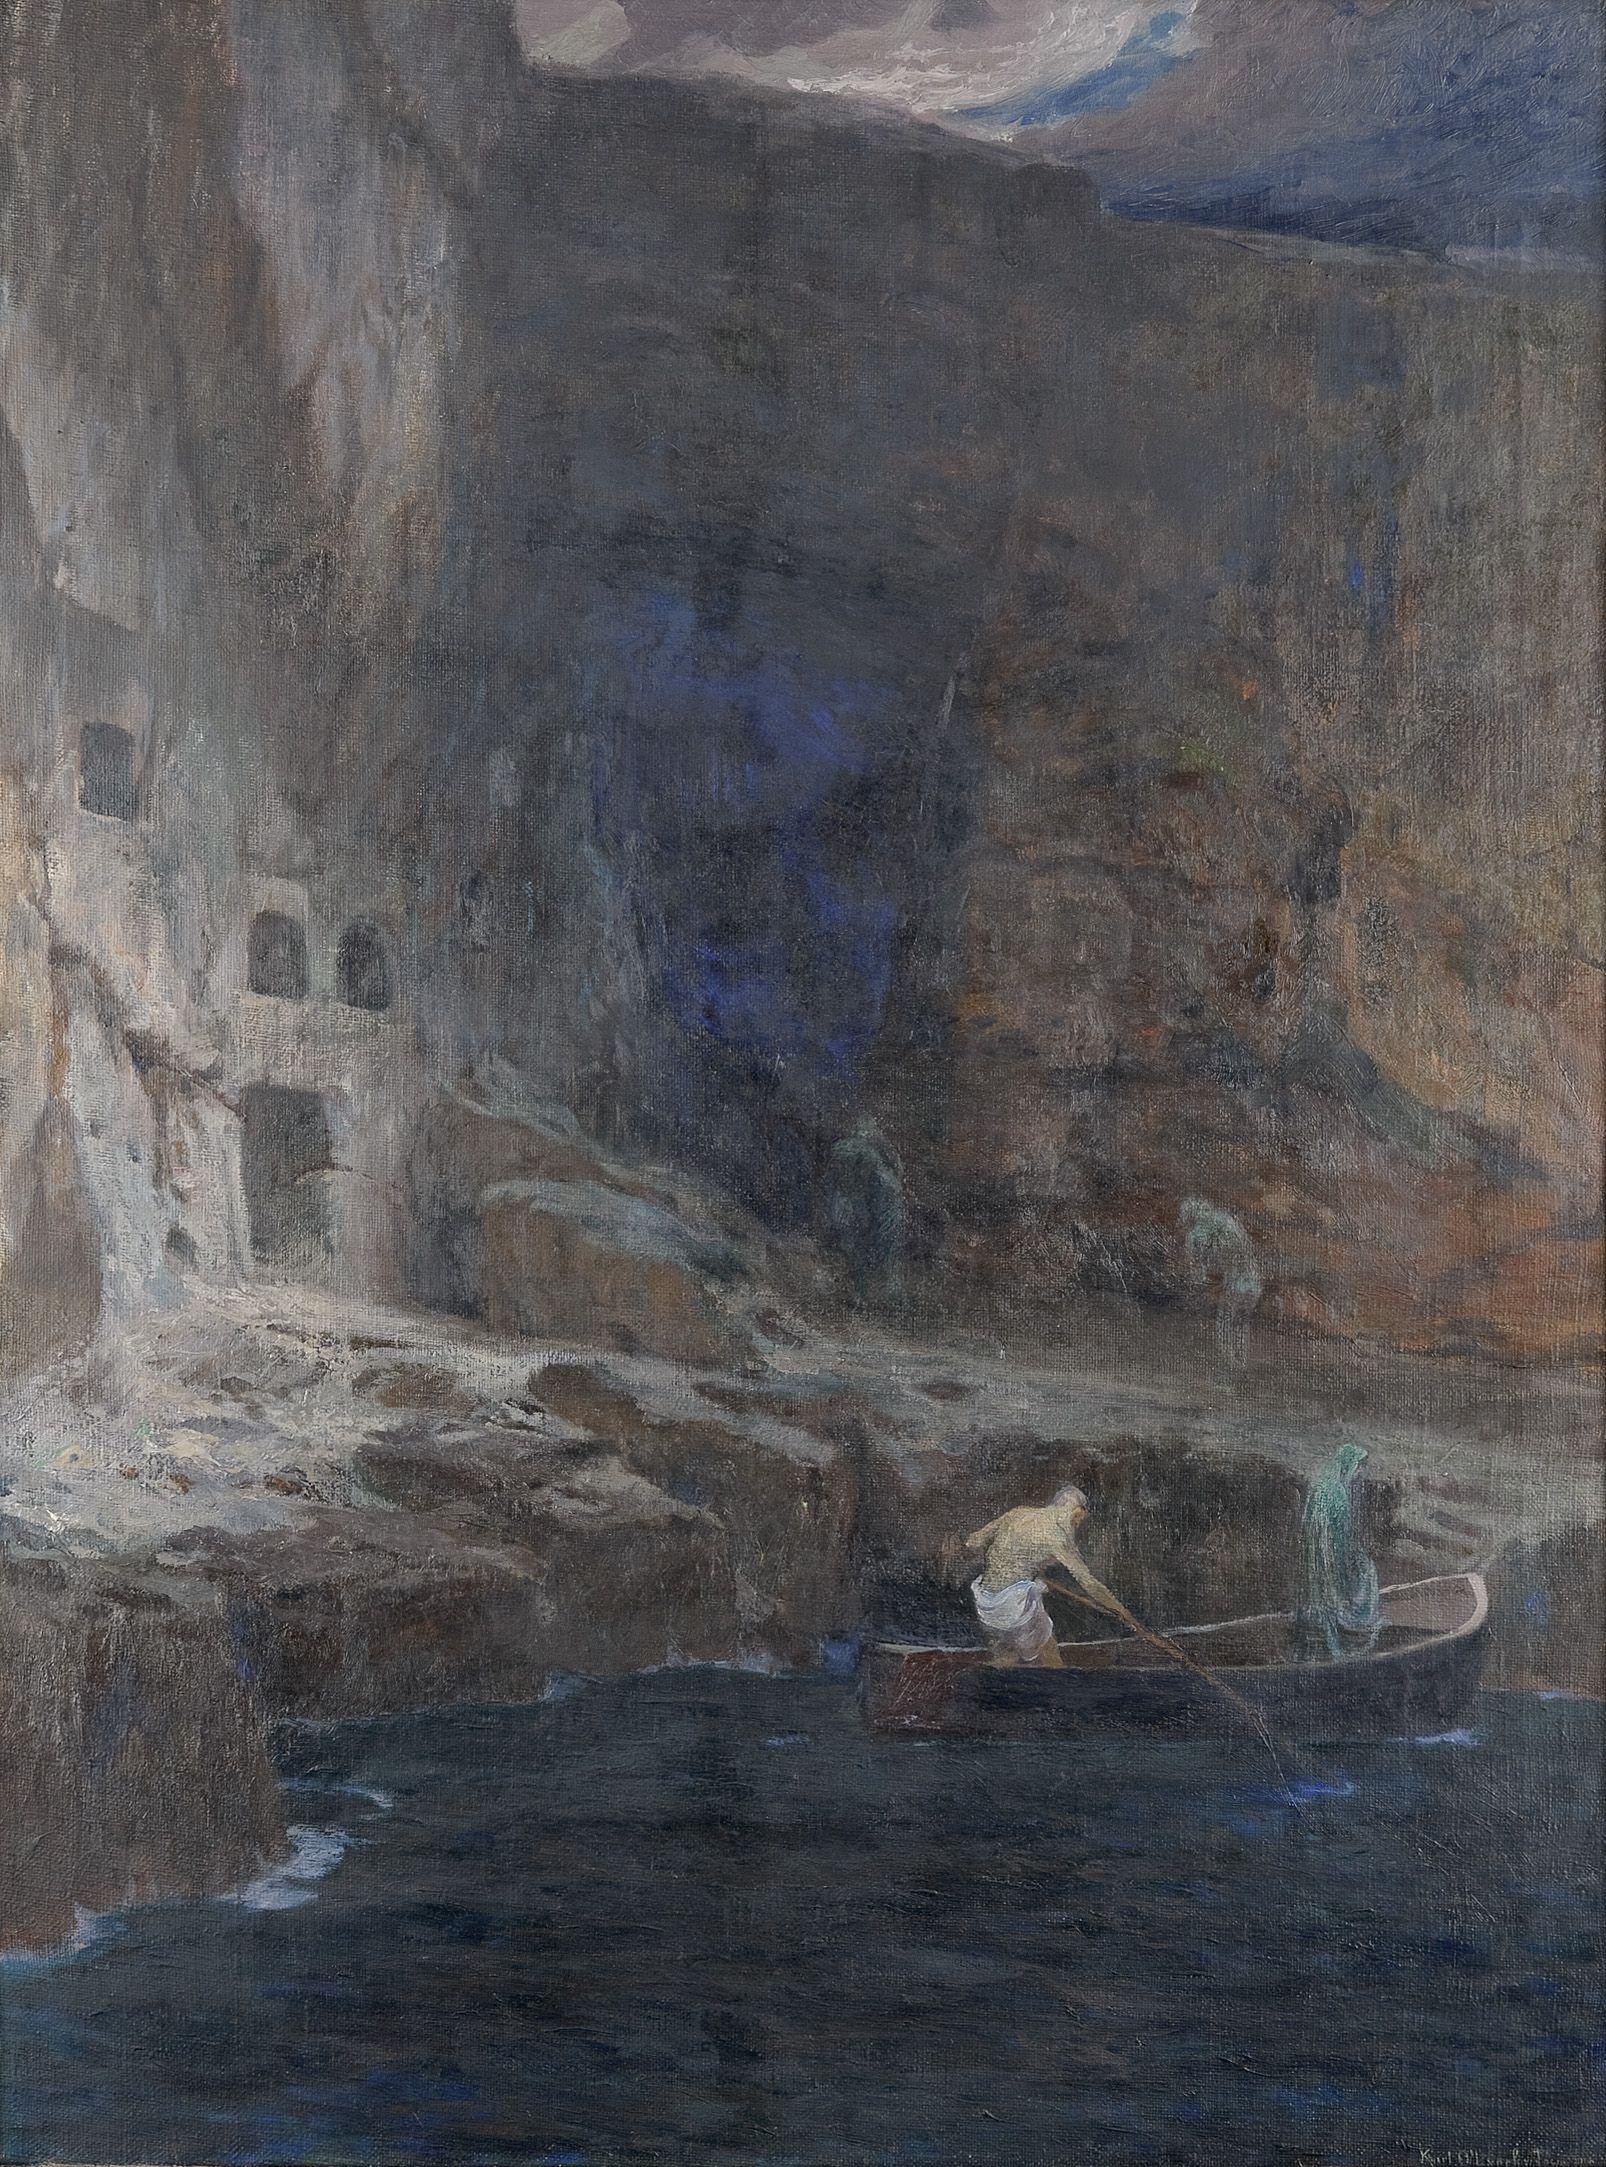 dolf Hirémy-Hirschl (1860 Tamesvár, Rumänien – 1933 Rom), Die Seelen am Acheron, 1898, Öl/Leinwand, 215 x 3